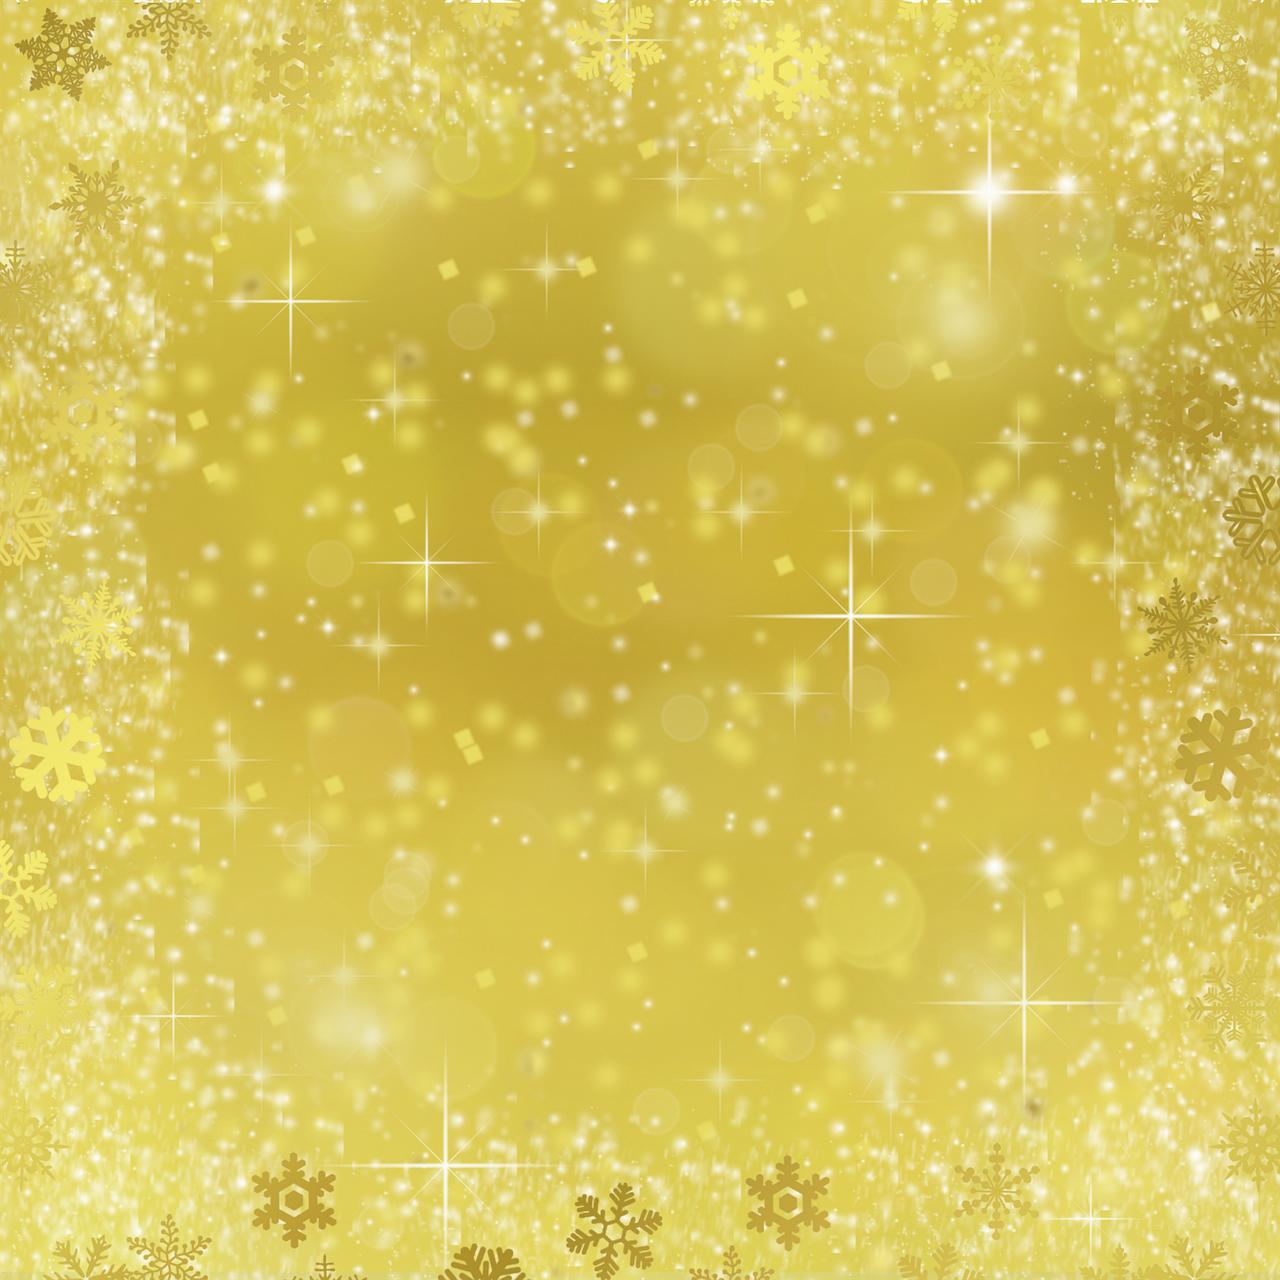 Открытка с золотым фоном 793